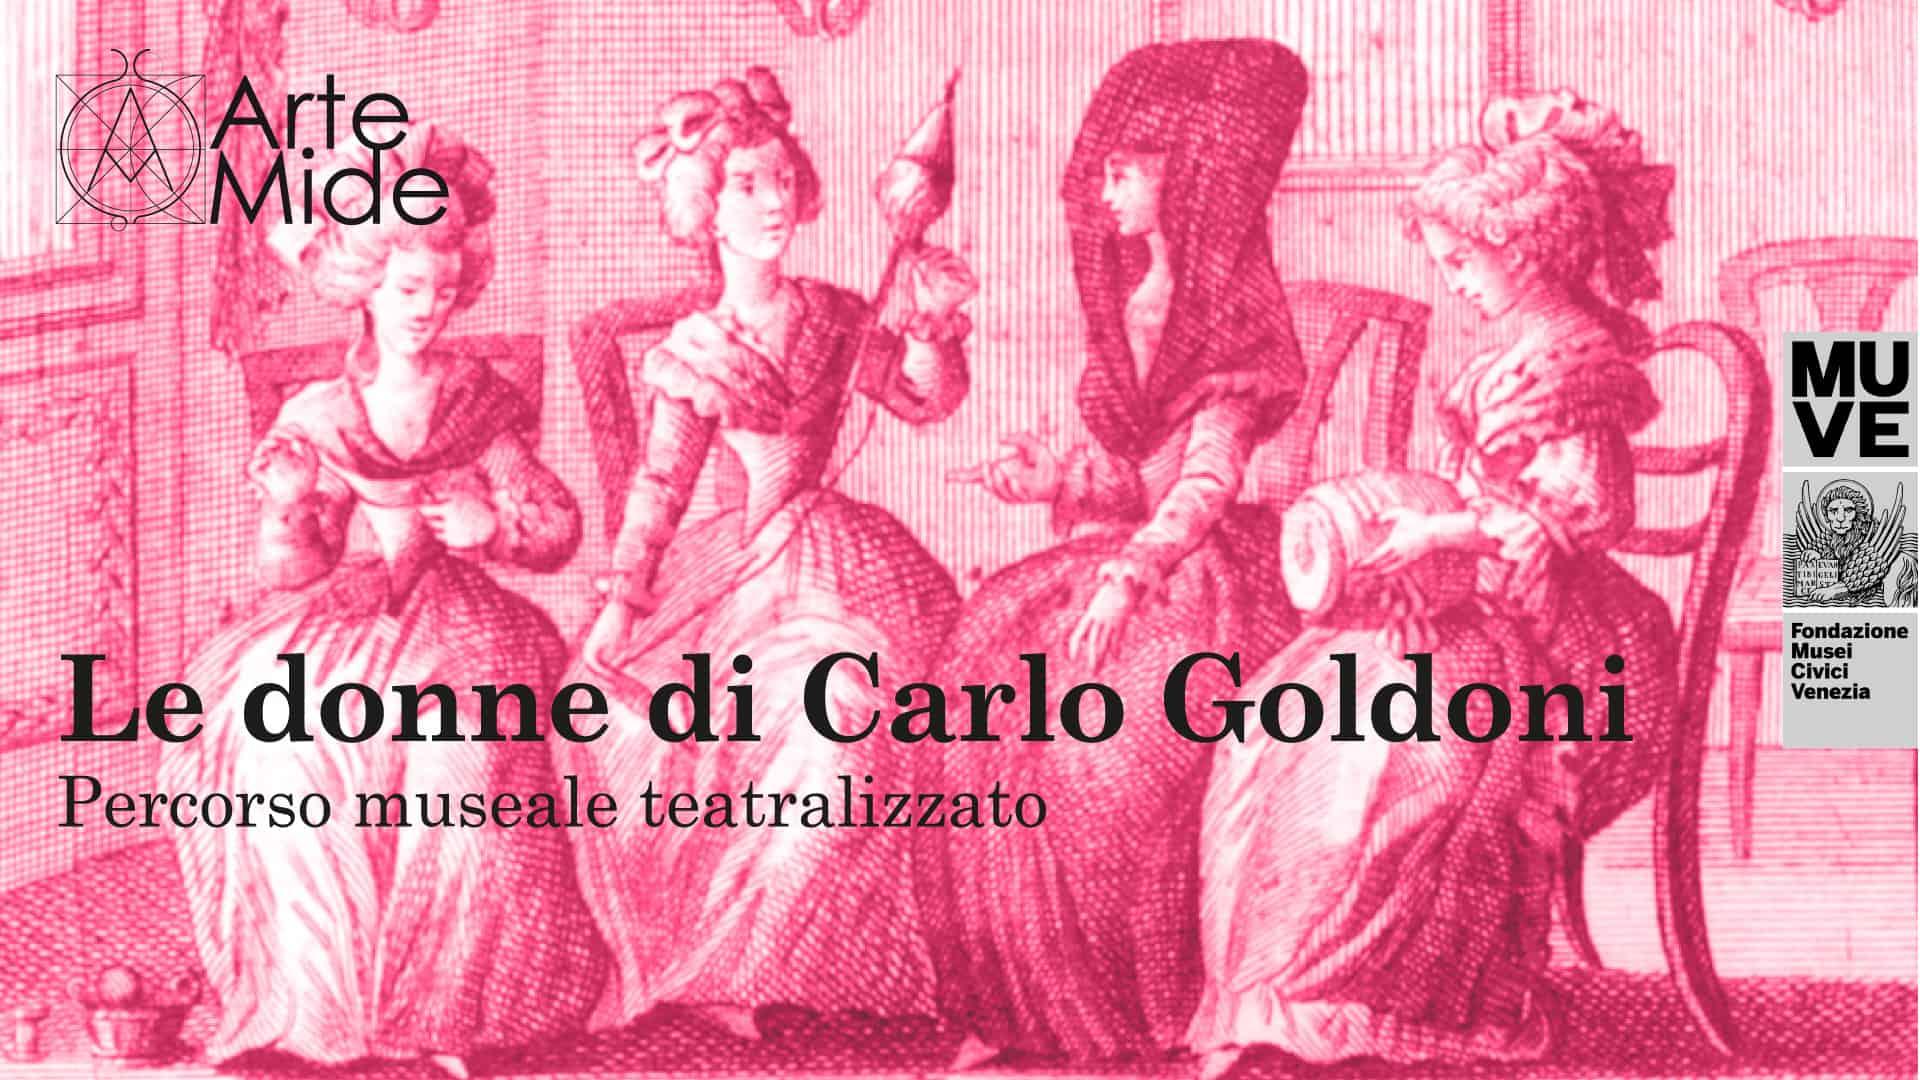 Le donne di Carlo Goldoni